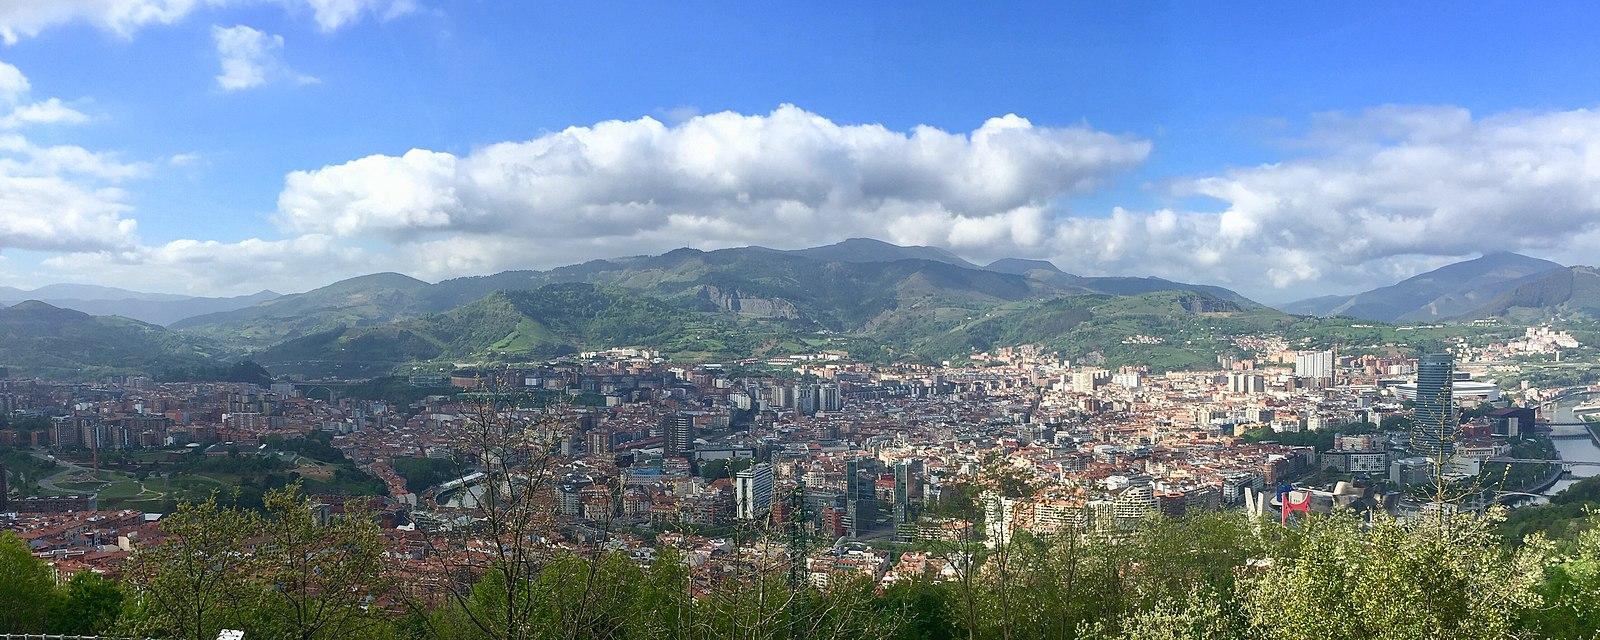 1600px Bilbao cityview from Monte Artxanda España 2019 %